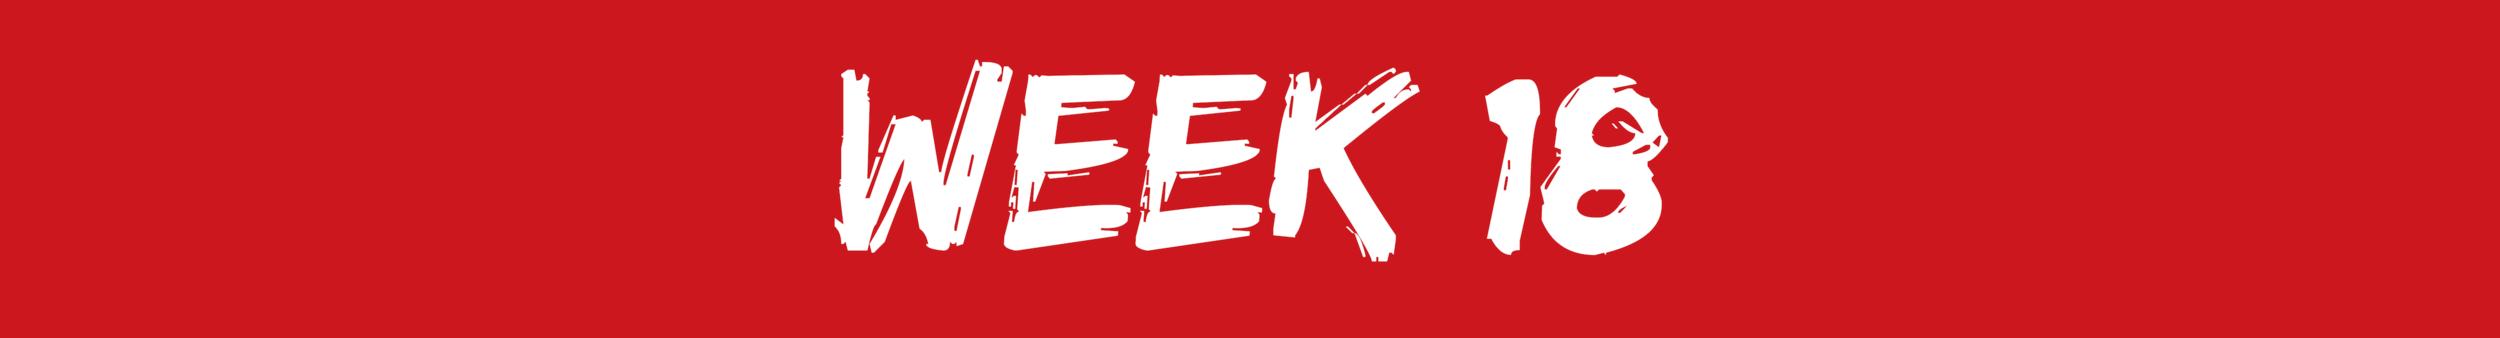 LCA4R week 18.png